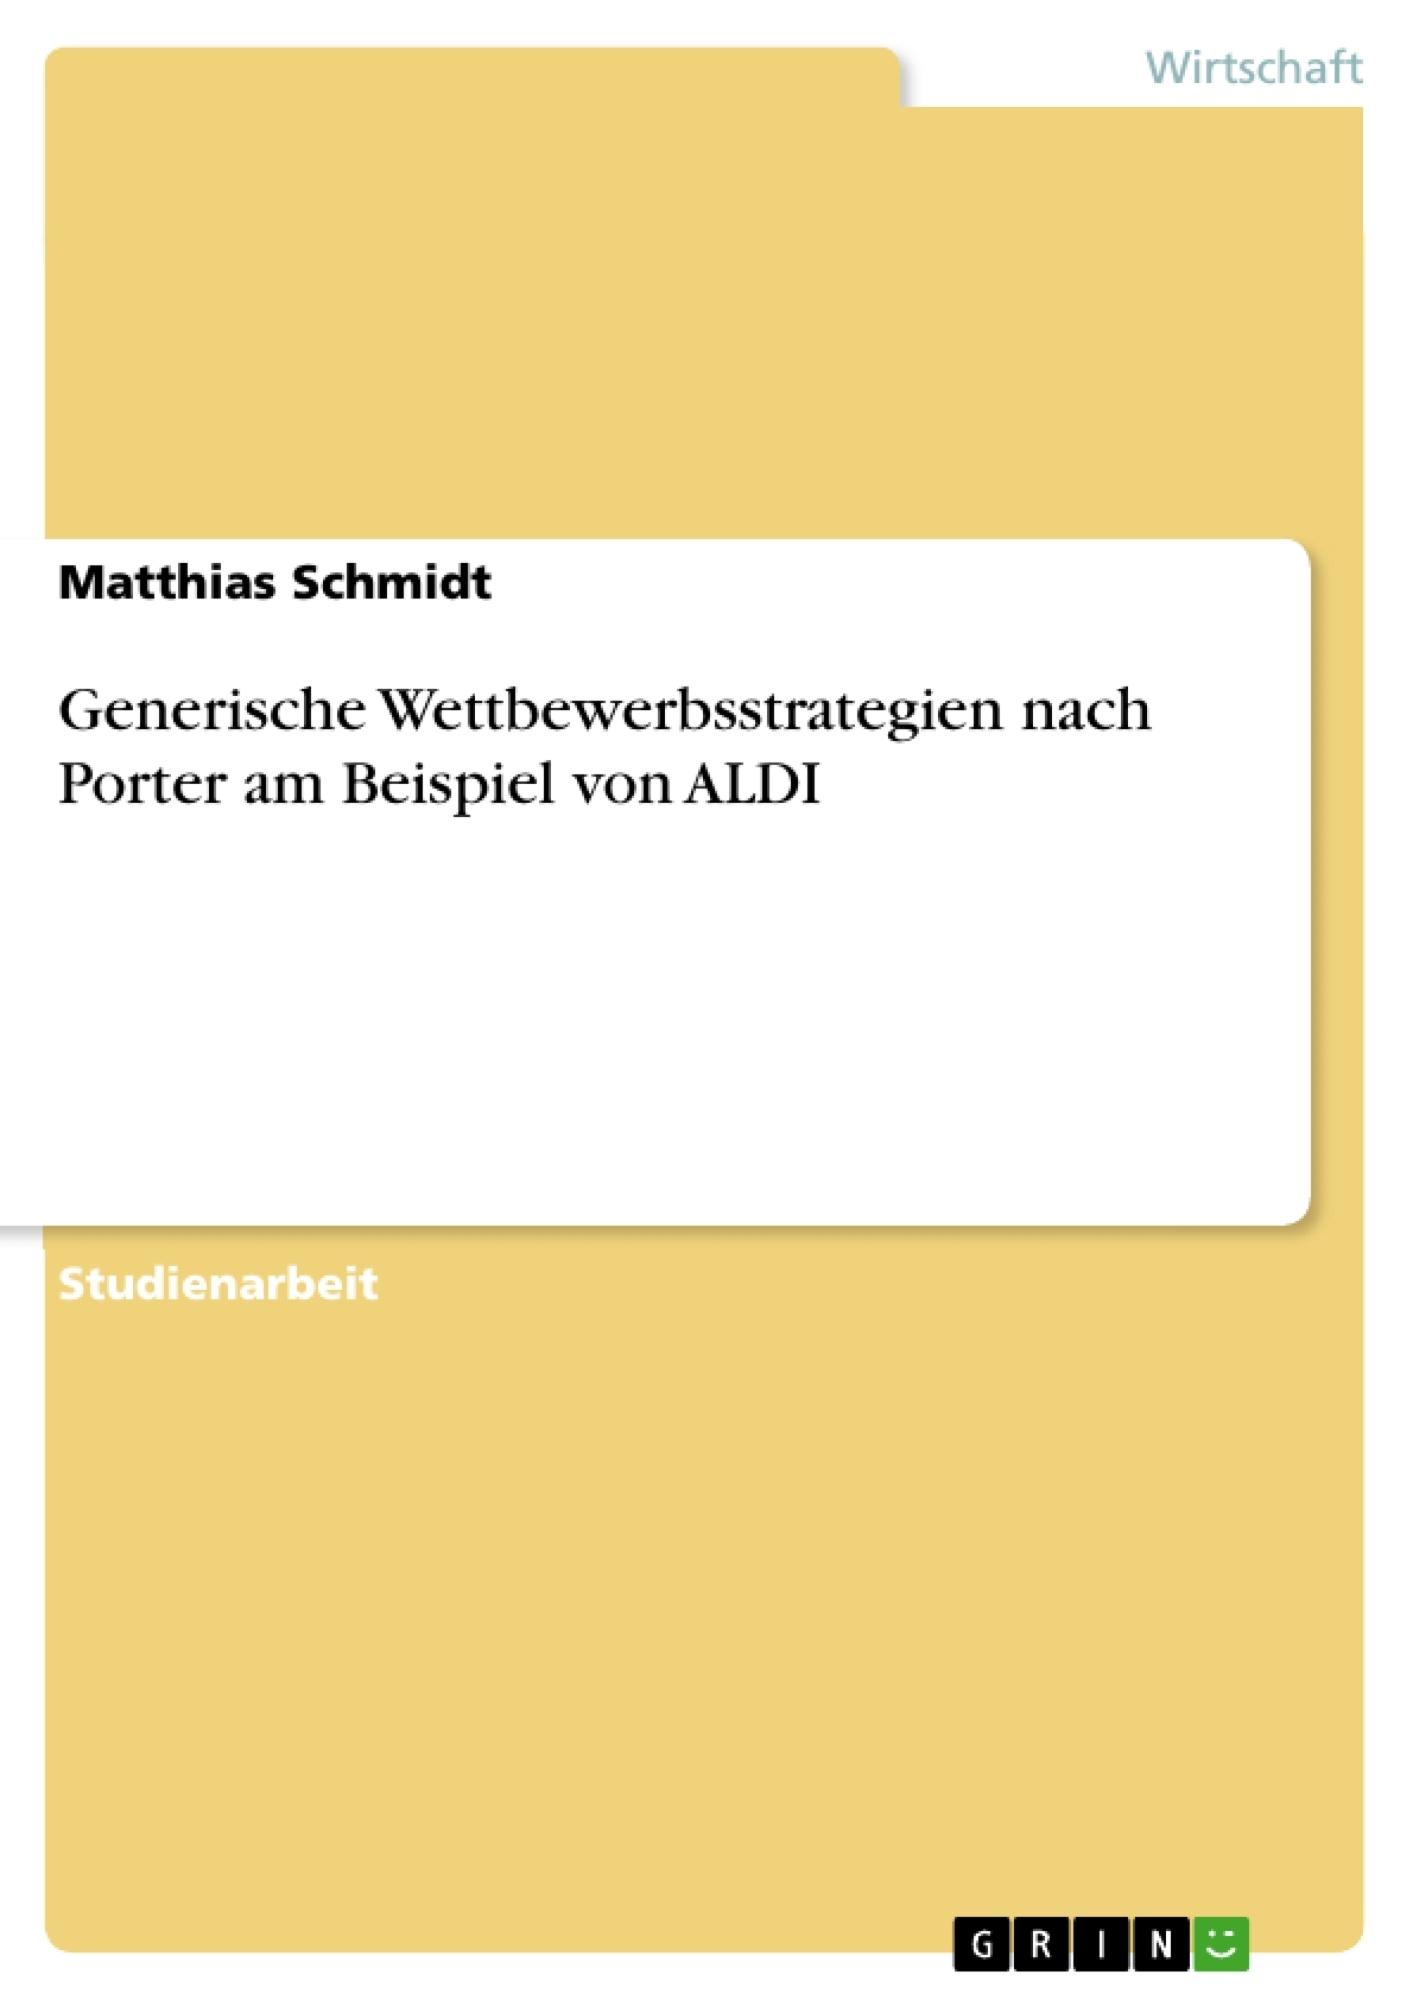 Titel: Generische Wettbewerbsstrategien nach Porter am Beispiel von ALDI